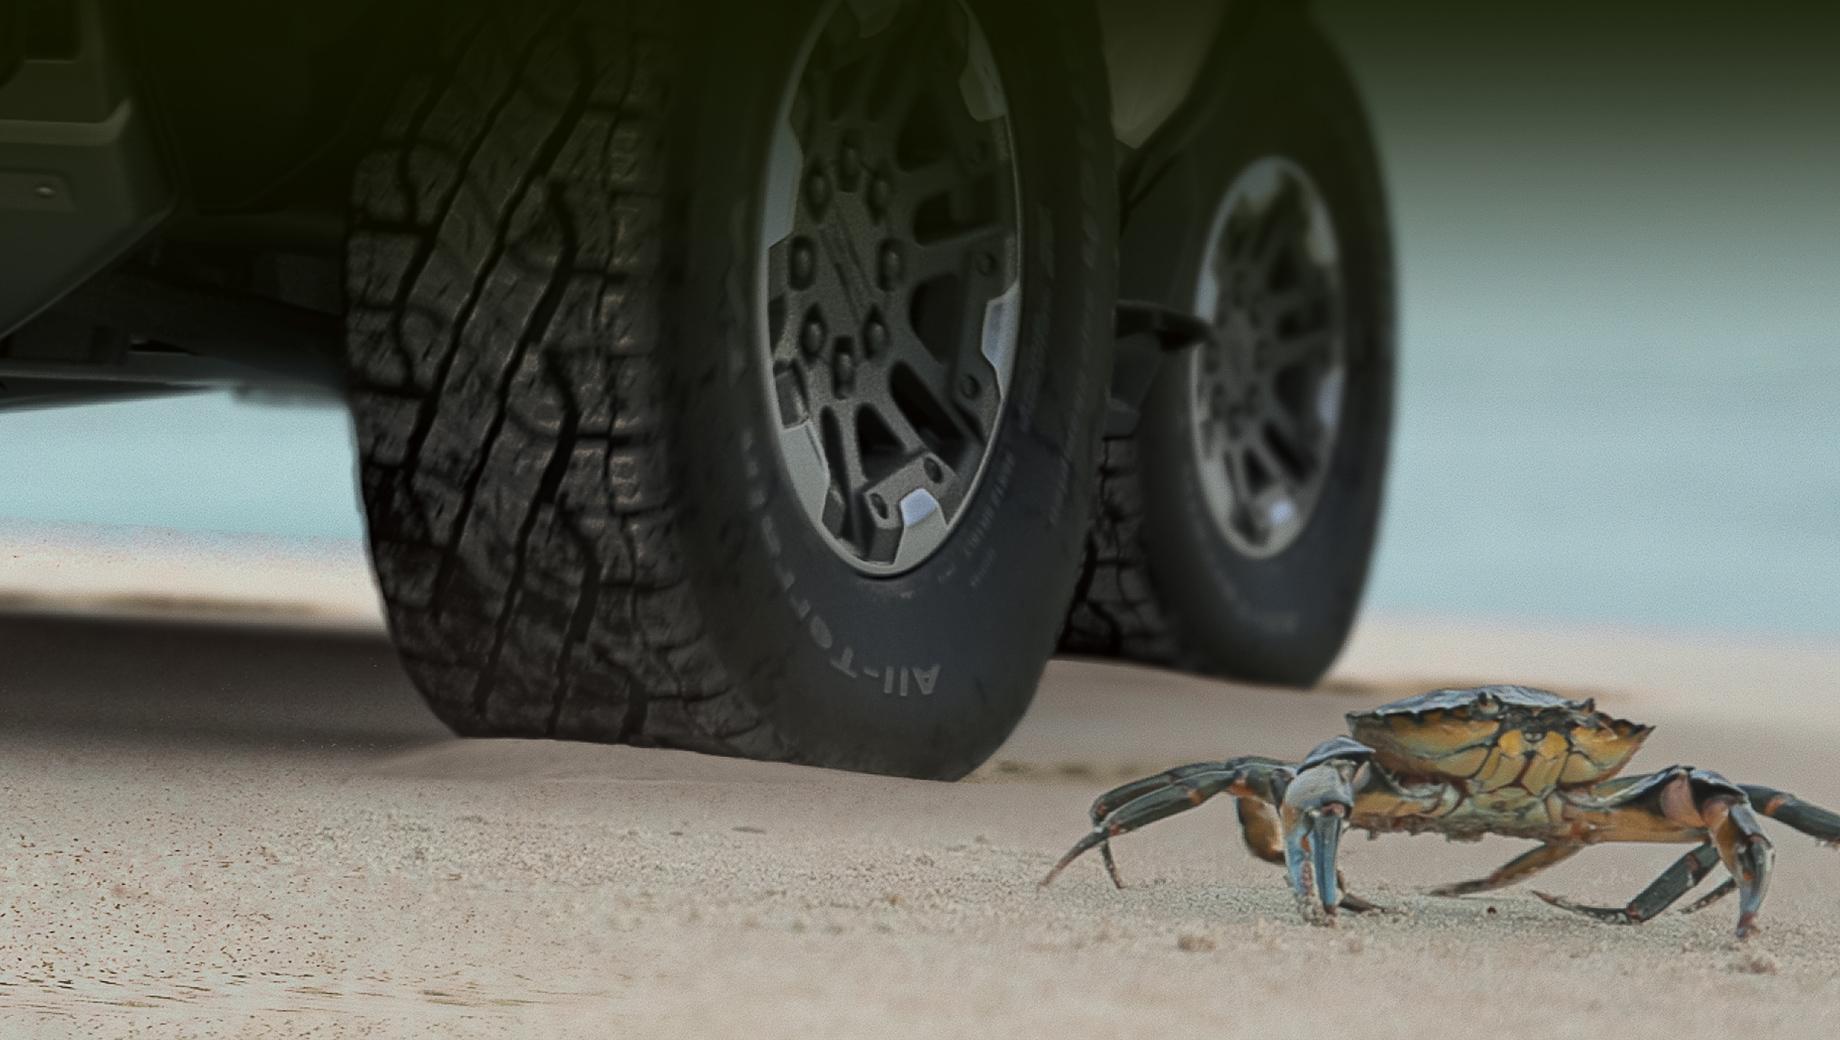 На прошлой неделе компания GMC анонсировала для грядущего Hummer таинственный «режим краба» – Crab Mode, но ничего не сказала о принципе работы этой фишки. Теперь производитель показал функционирование системы в коротком видео, заодно опубликовав дату премьеры.